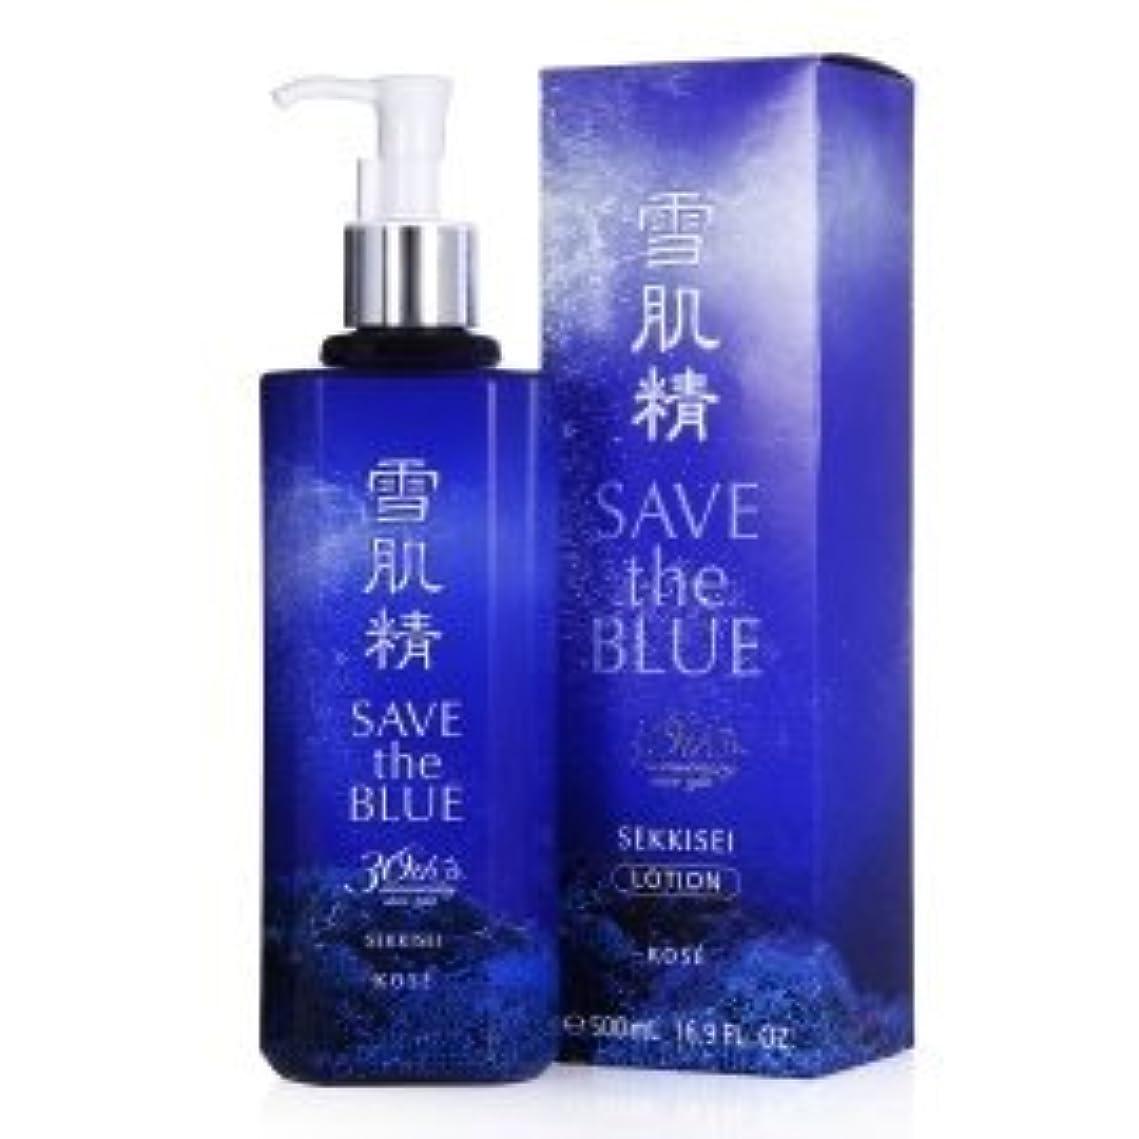 達成するページ検索エンジンマーケティングKOSE コーセー 薬用 雪肌精 化粧水 500ml 【SAVE the BLUE】